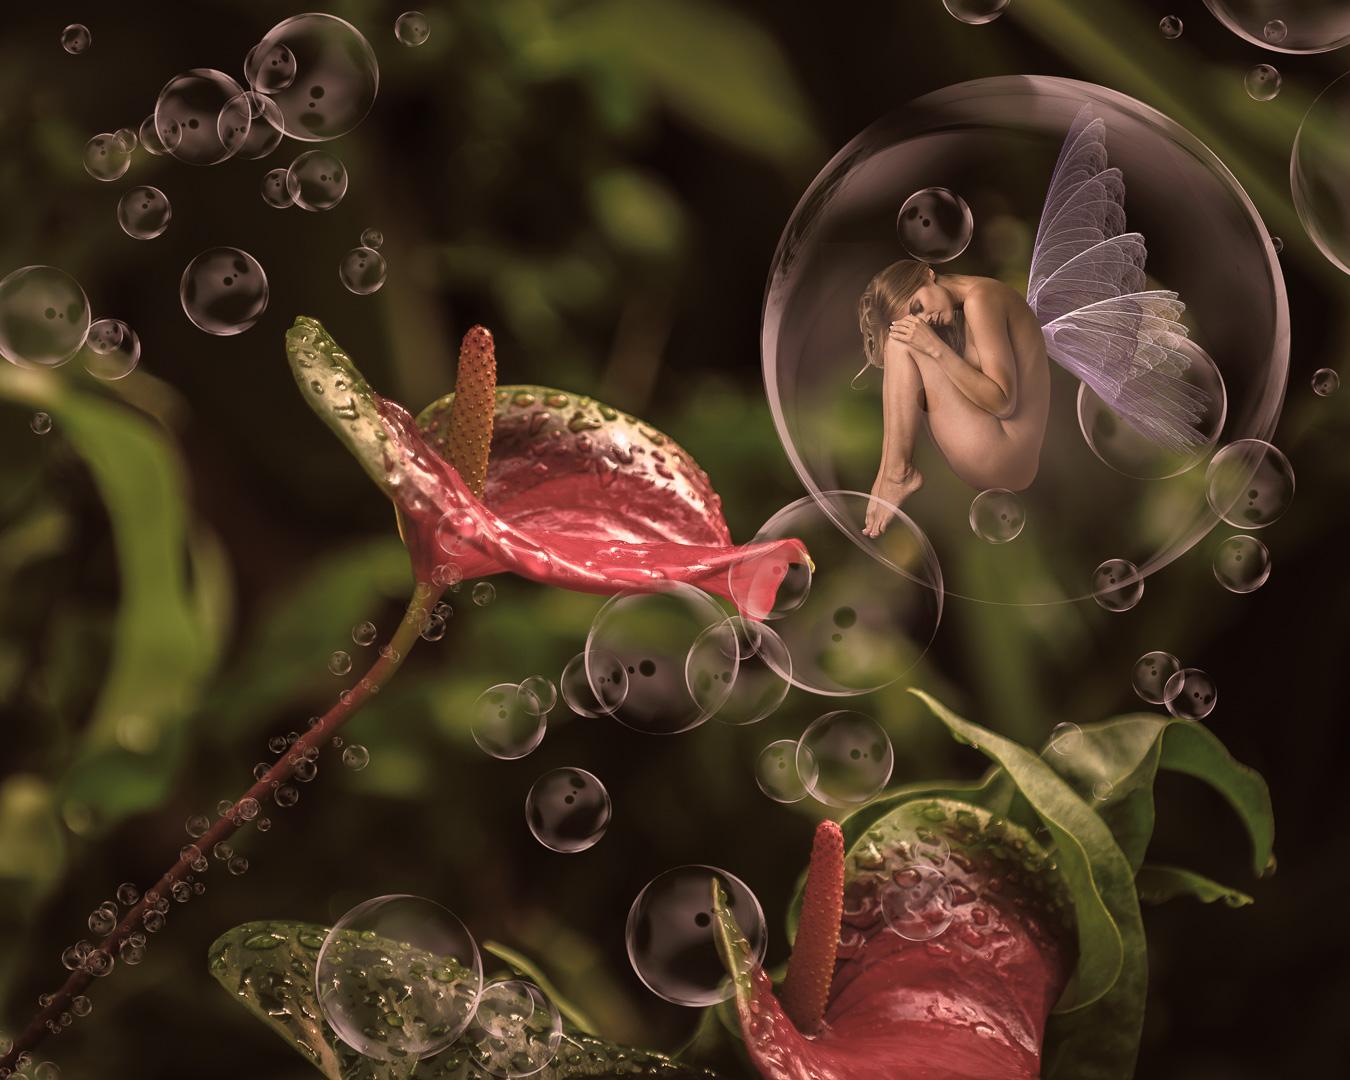 Jon Clarke – Floating among the Anthurium – 3RD